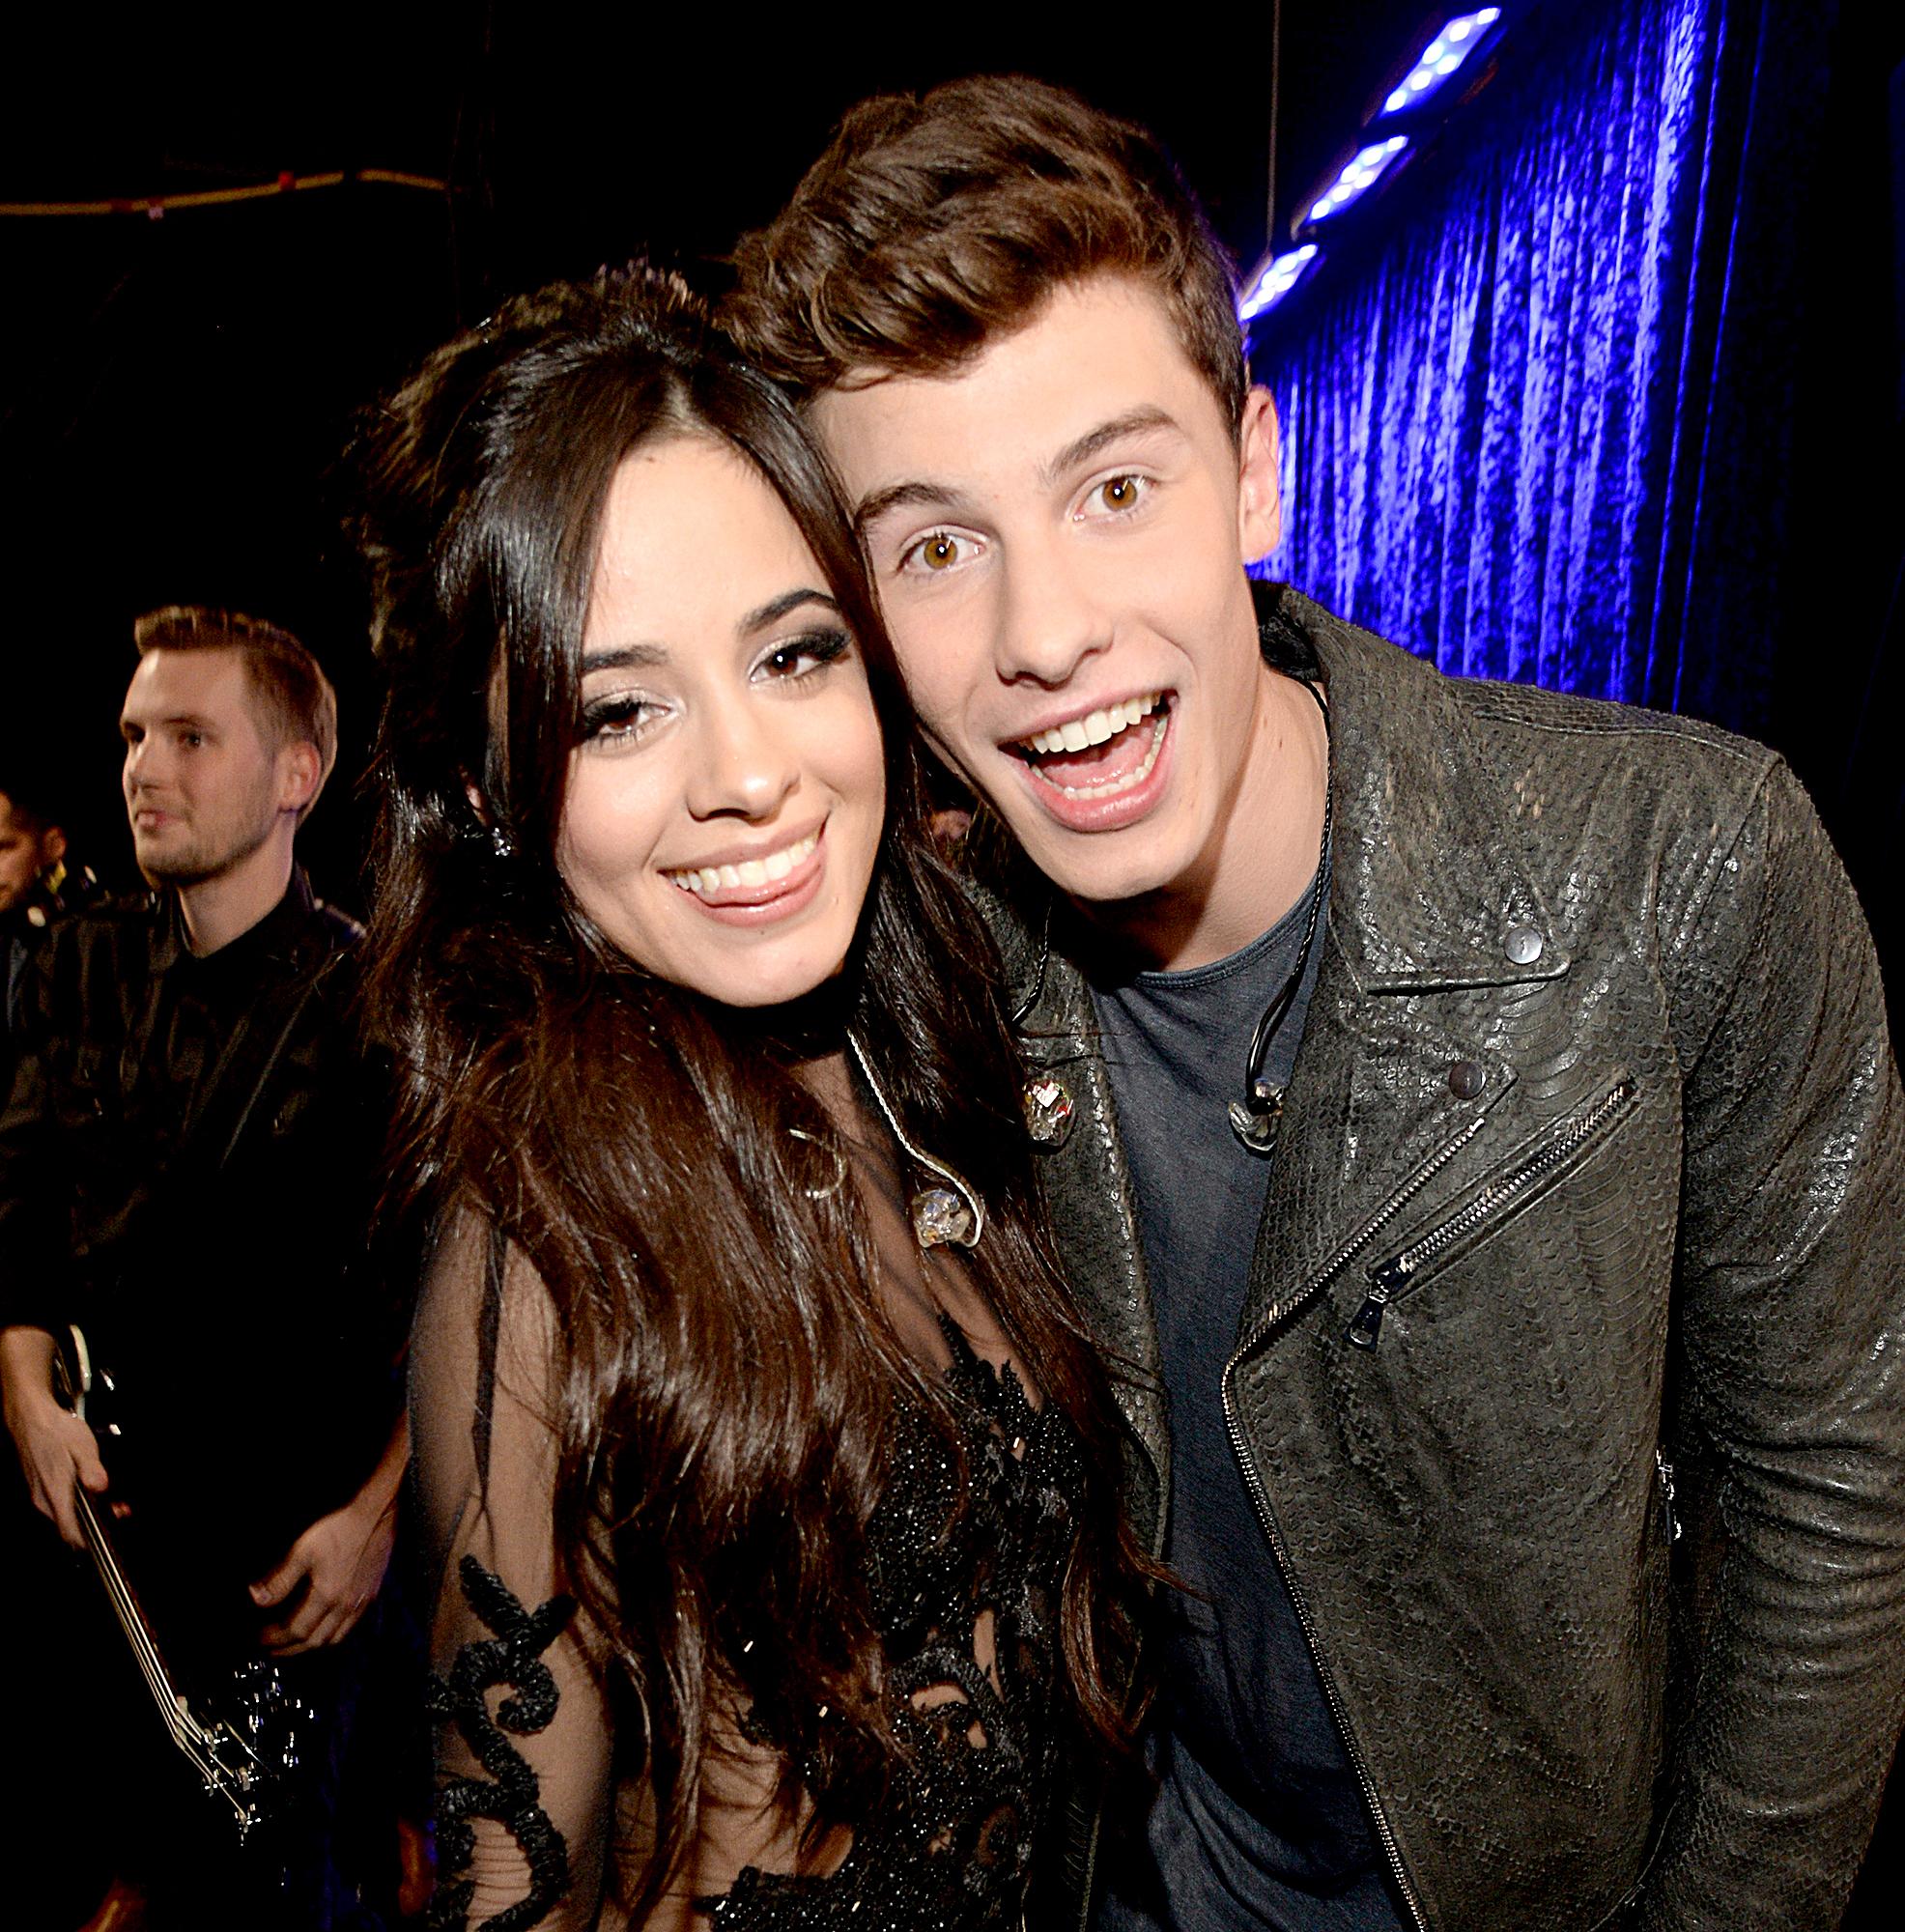 Shawn-Mendes-and-Camila-Cabello-Senorita